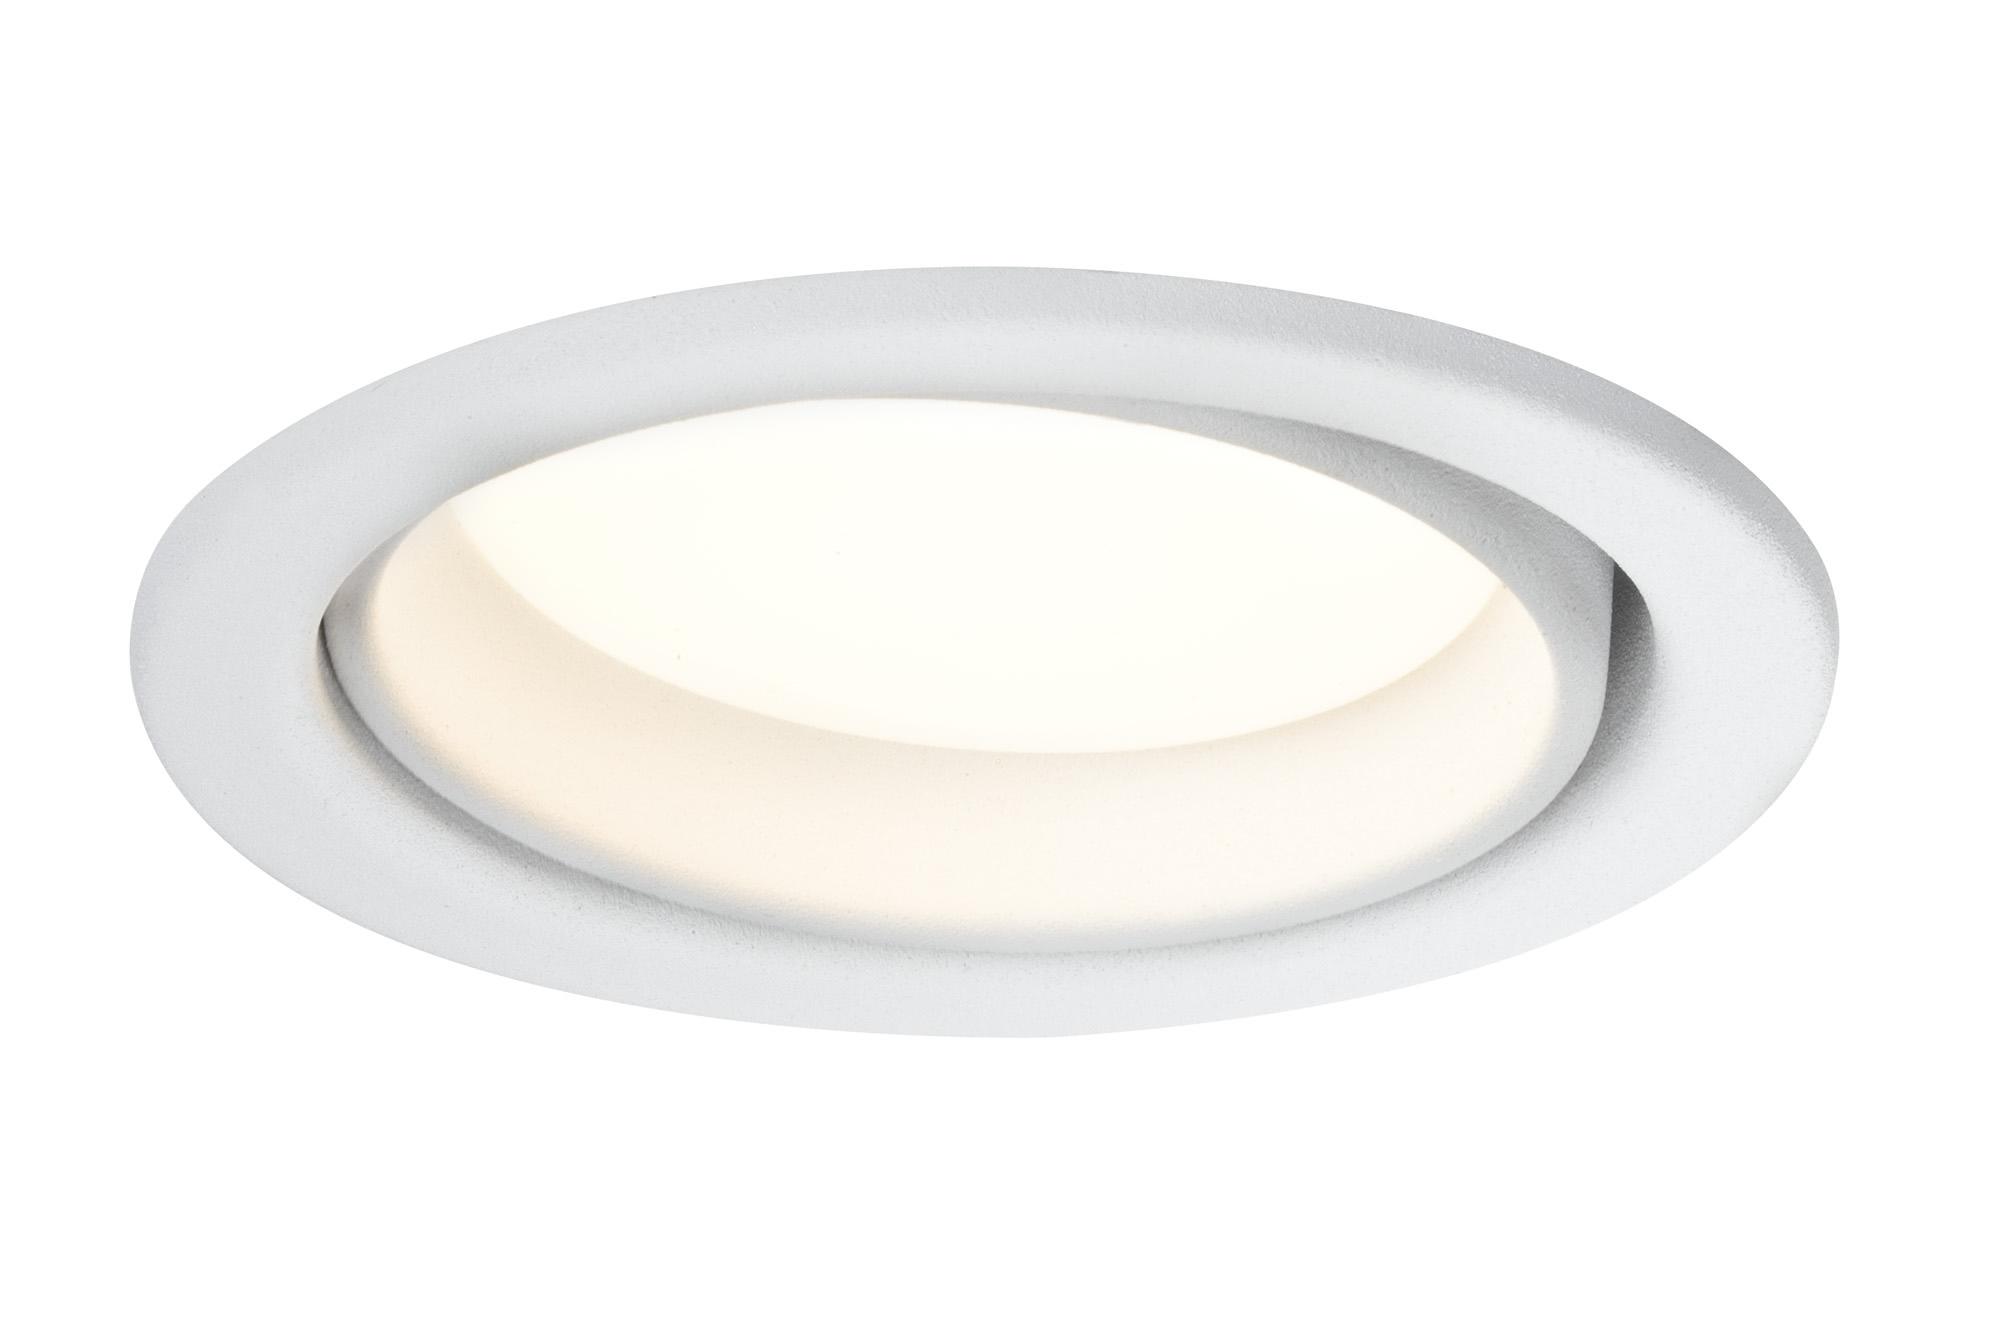 Paulmann. 92022 Набор св-ков Quality EBL Set Aya LED 3x3W, белый